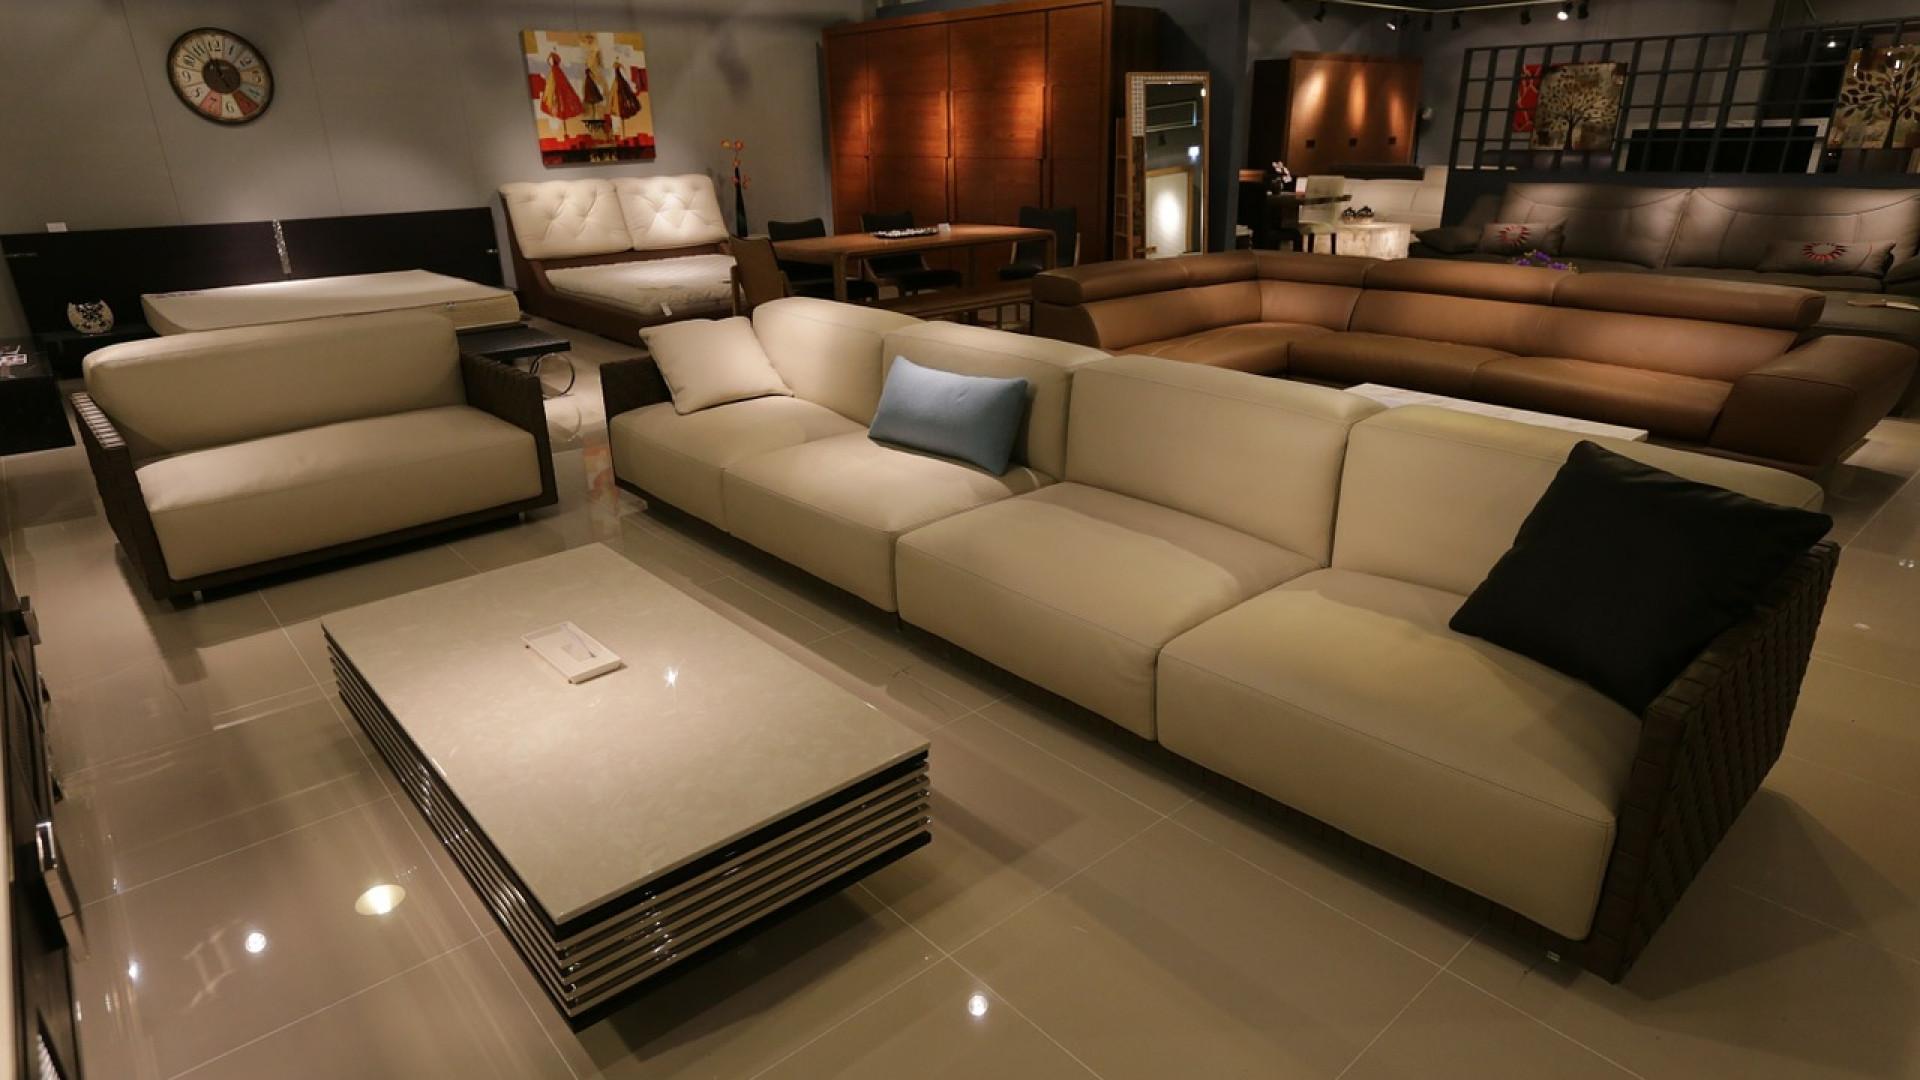 f9e87a2e69f4c5da92f997fb6575711c - Comment réussir l'aménagement de votre décoration d'intérieur?